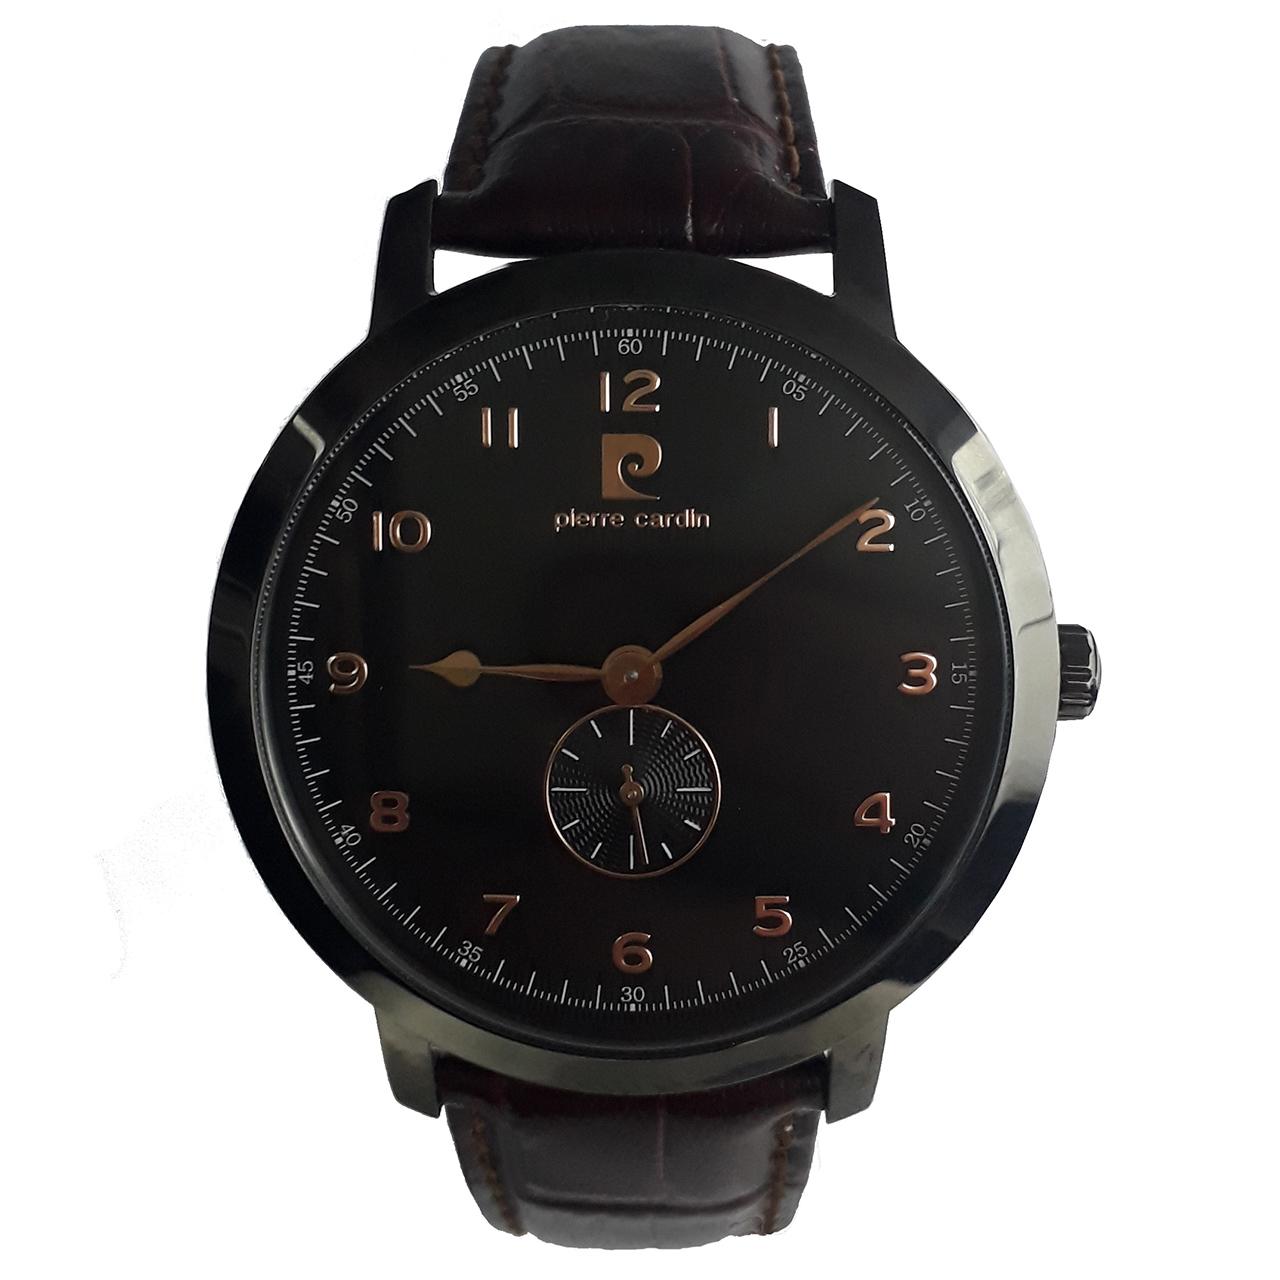 ساعت مچی عقربه ای مردانه پیر کاردین مدل PC106741F05 1